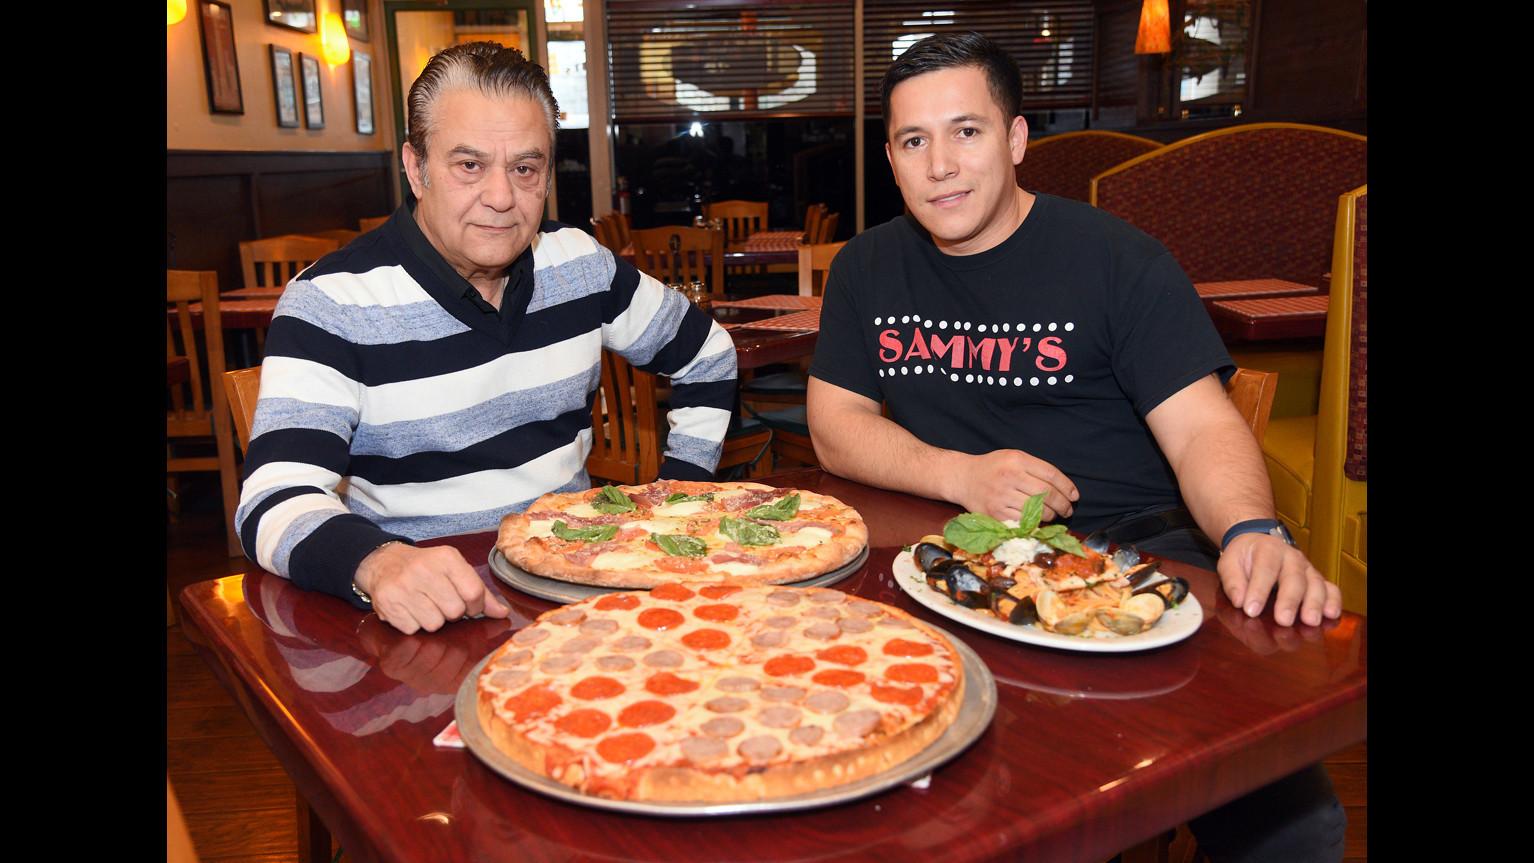 sammys italian pizza kitchen capital gazette - Italian Pizza Kitchen